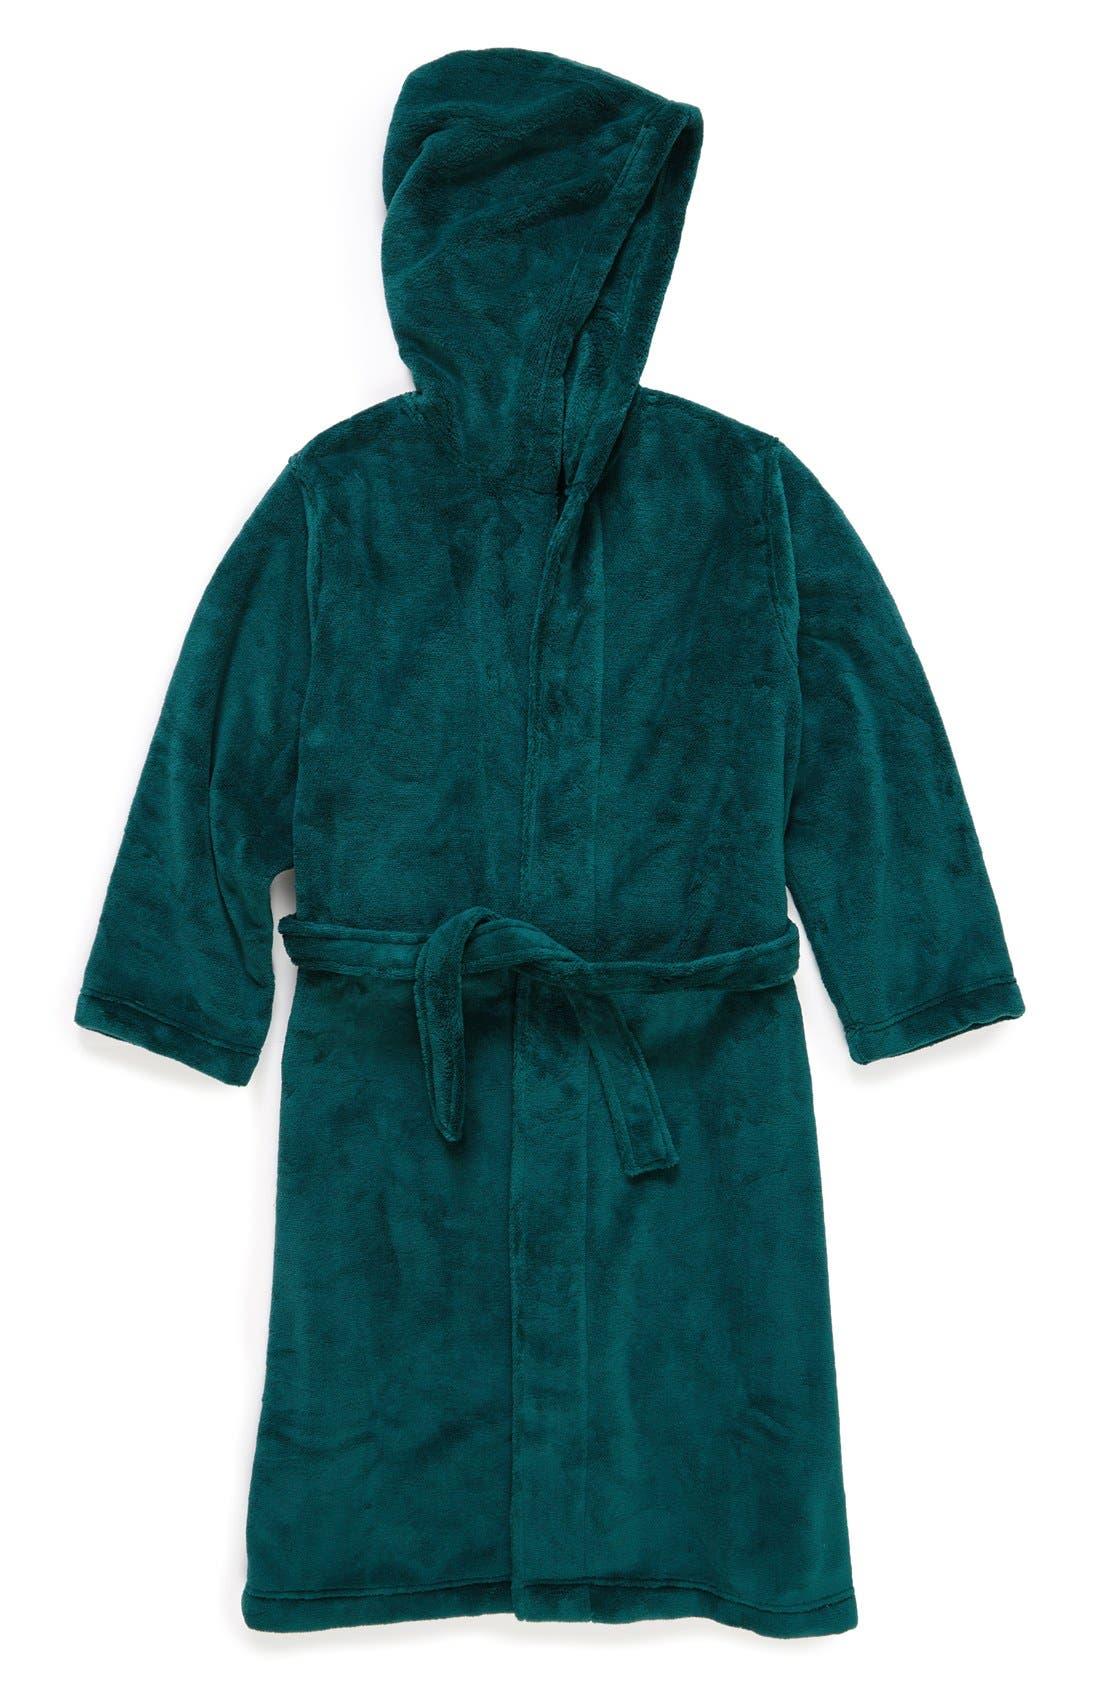 Alternate Image 1 Selected - Tucker + Tate Hooded Fleece Robe (Toddler, Little Kids & Big Kids)